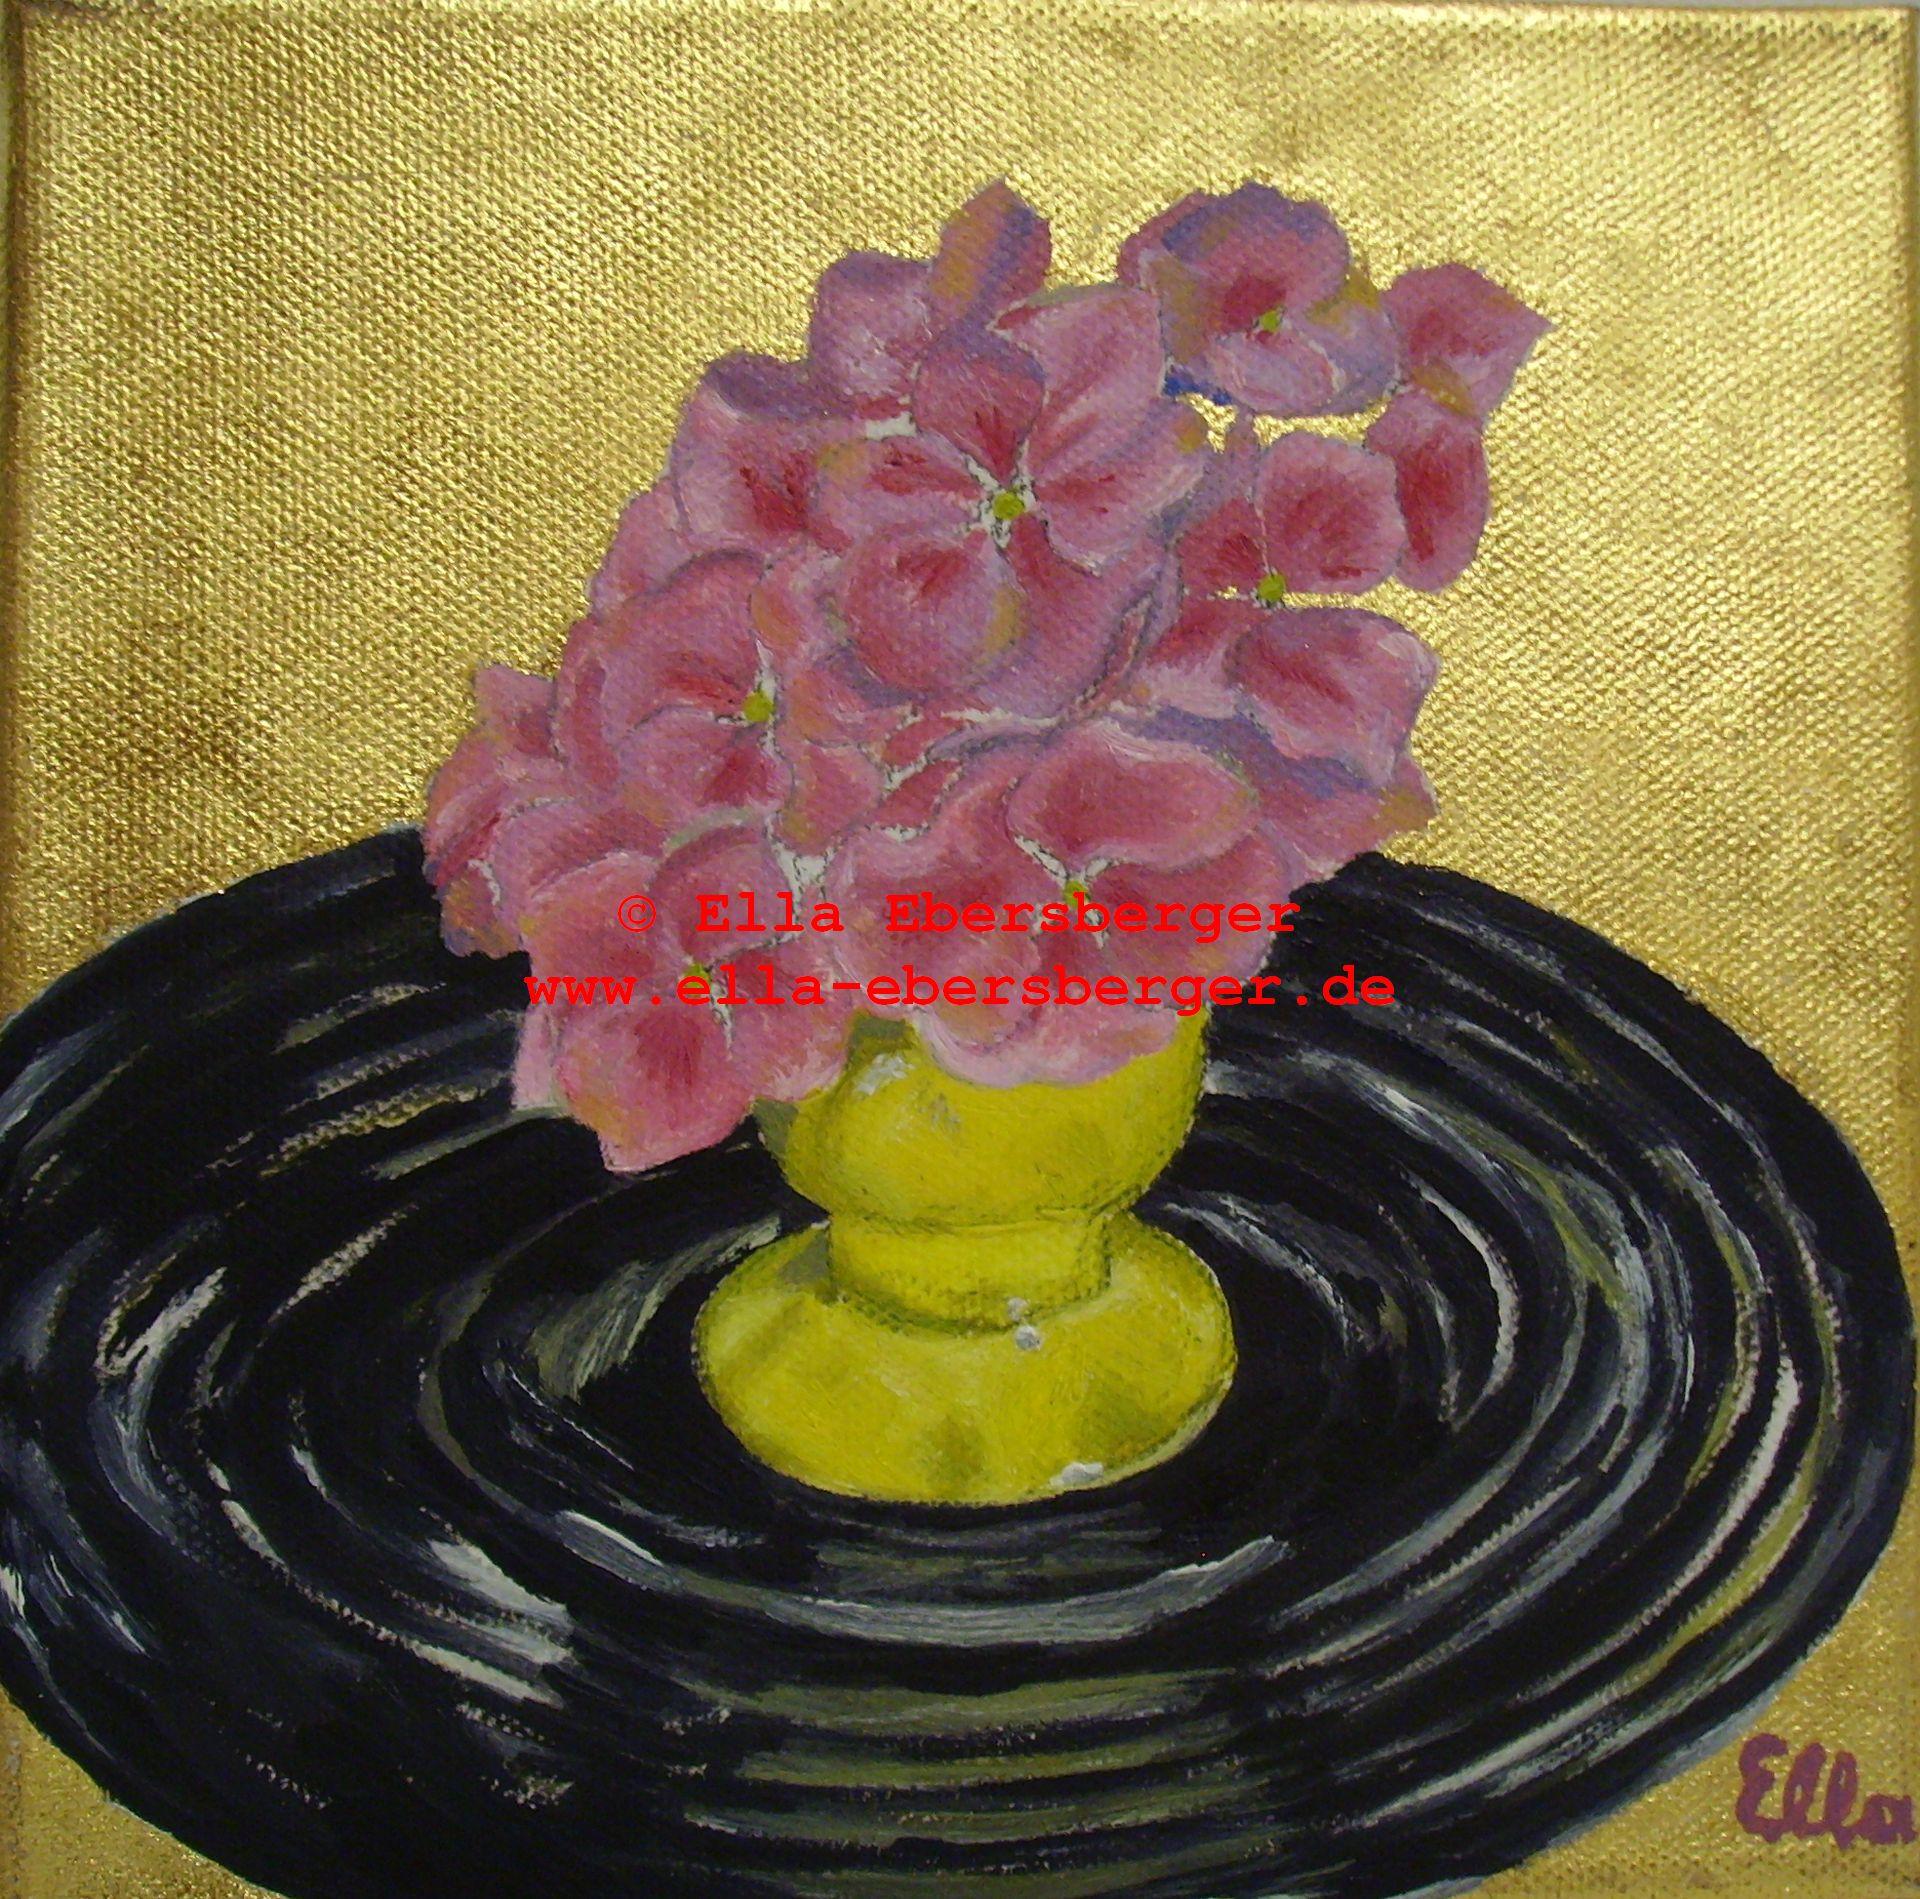 3. Hortensien Gold